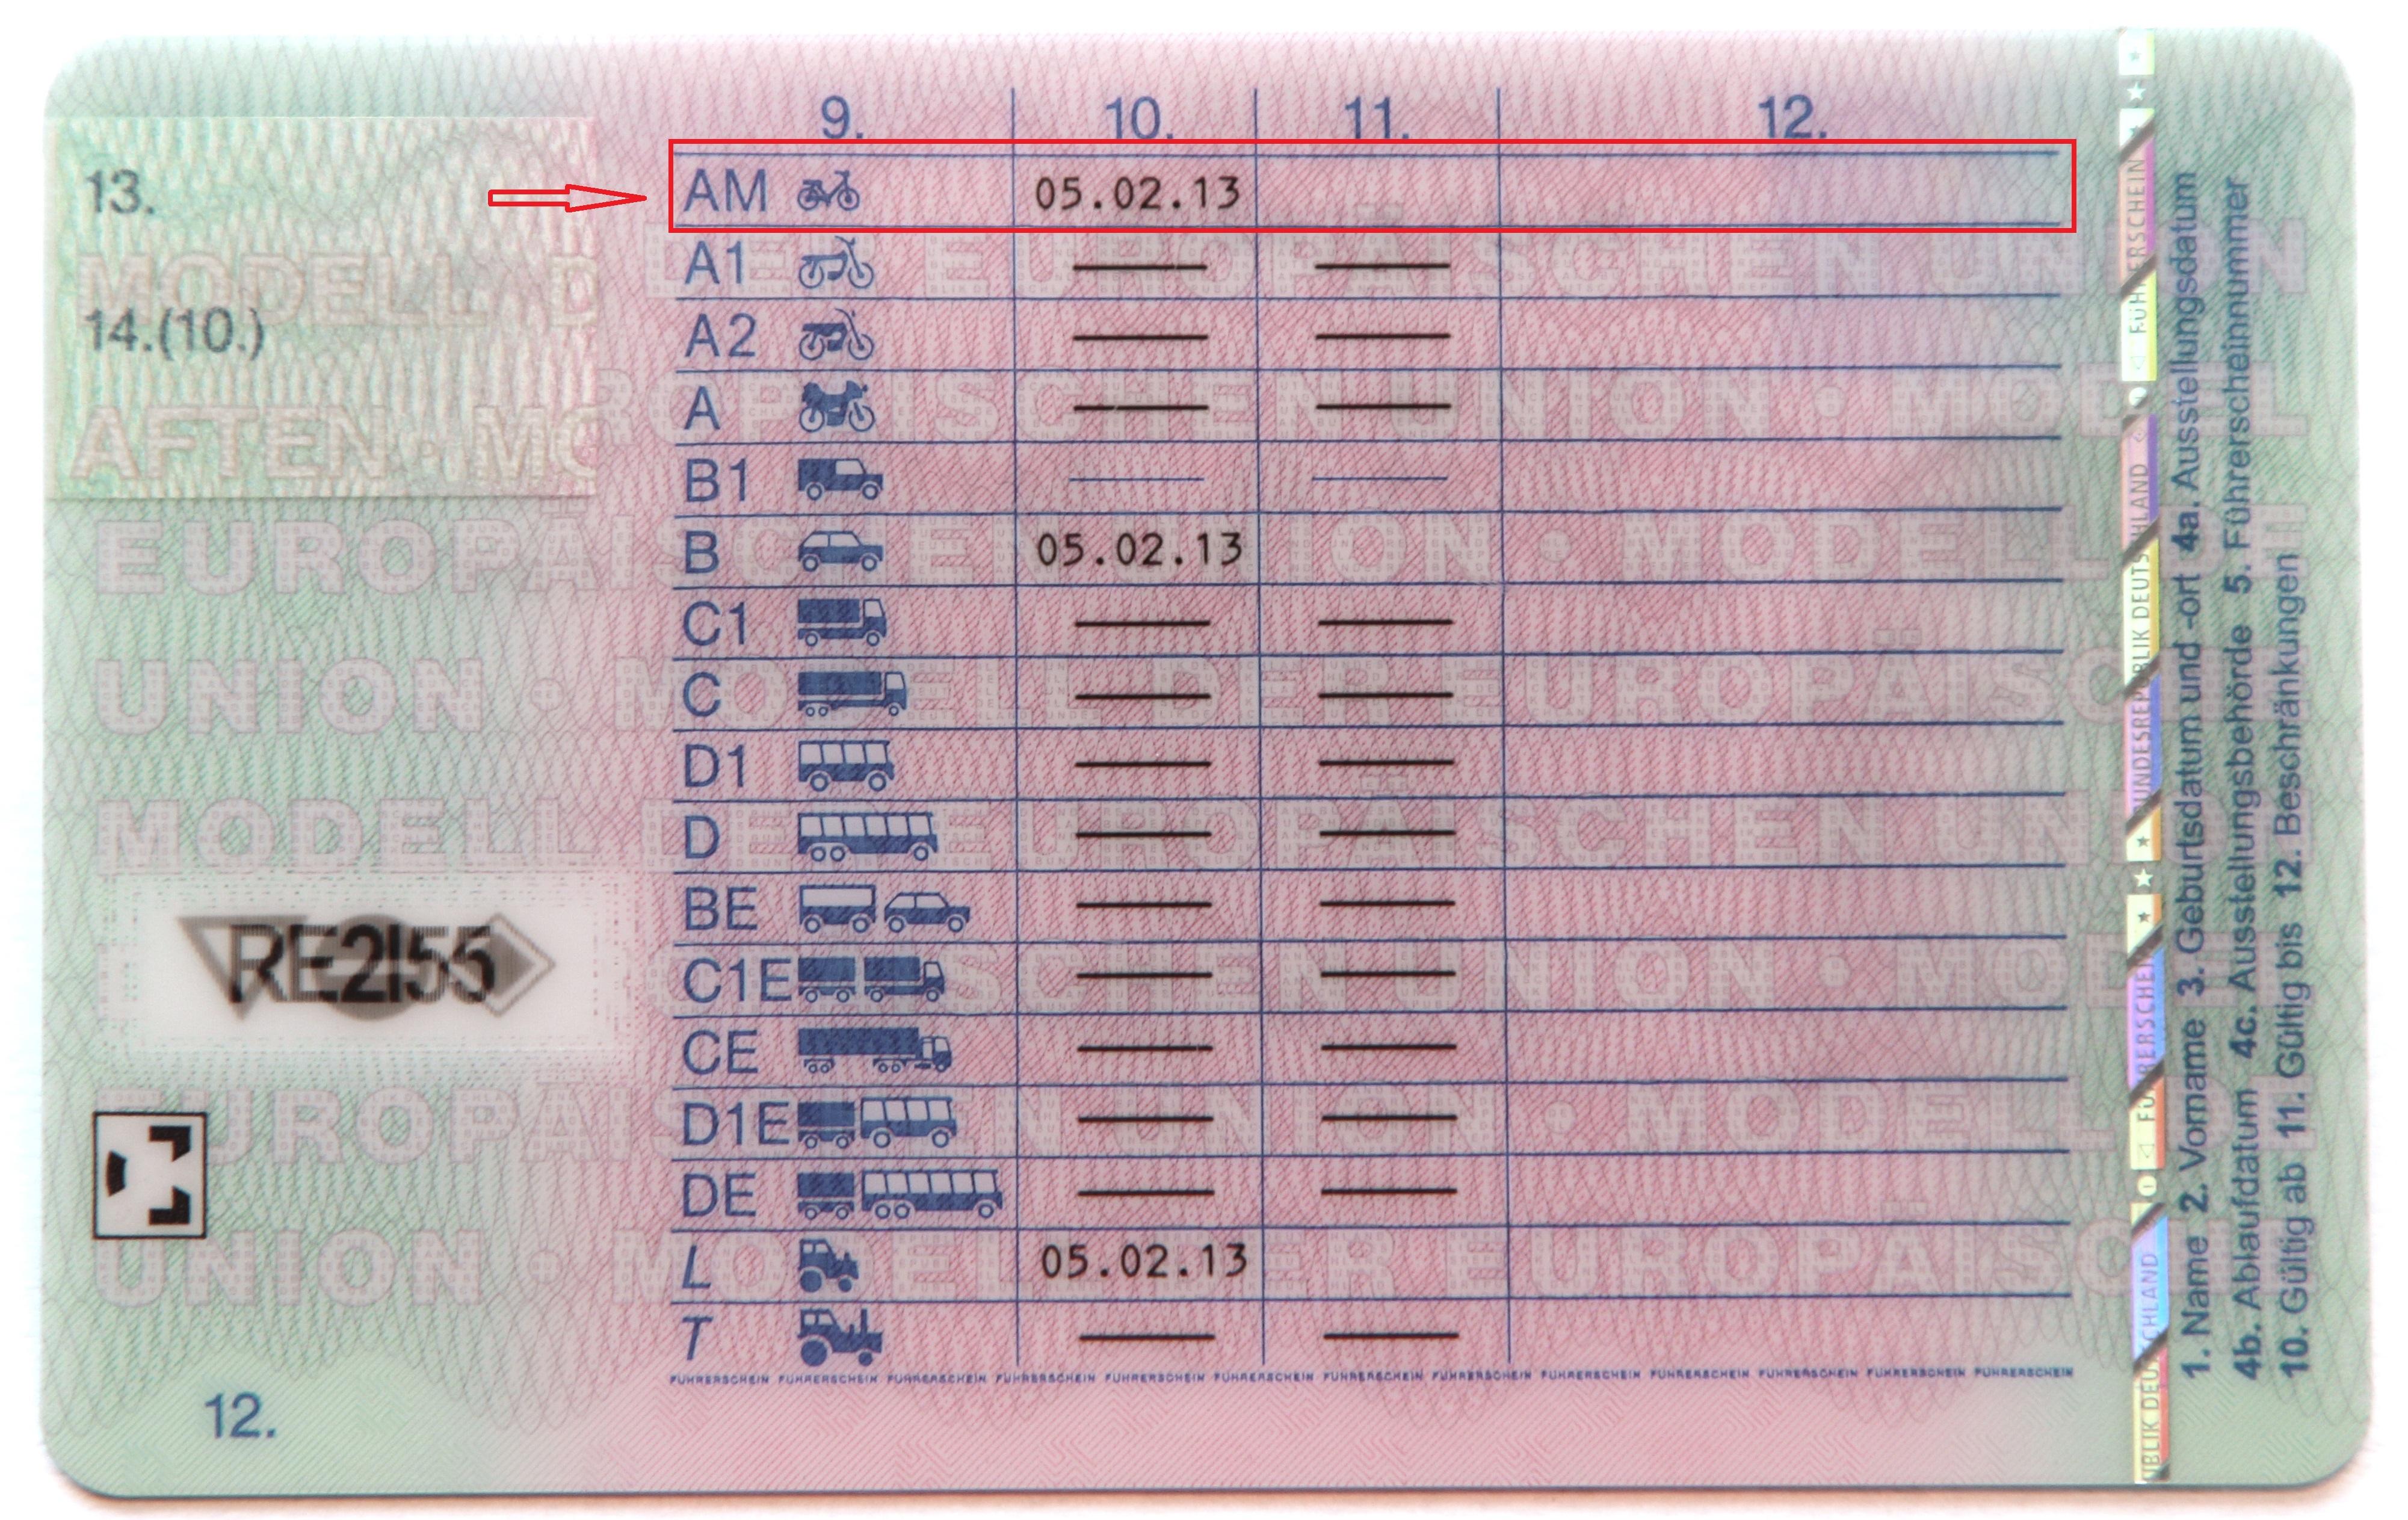 Führerschein mit dem Eintrag AM